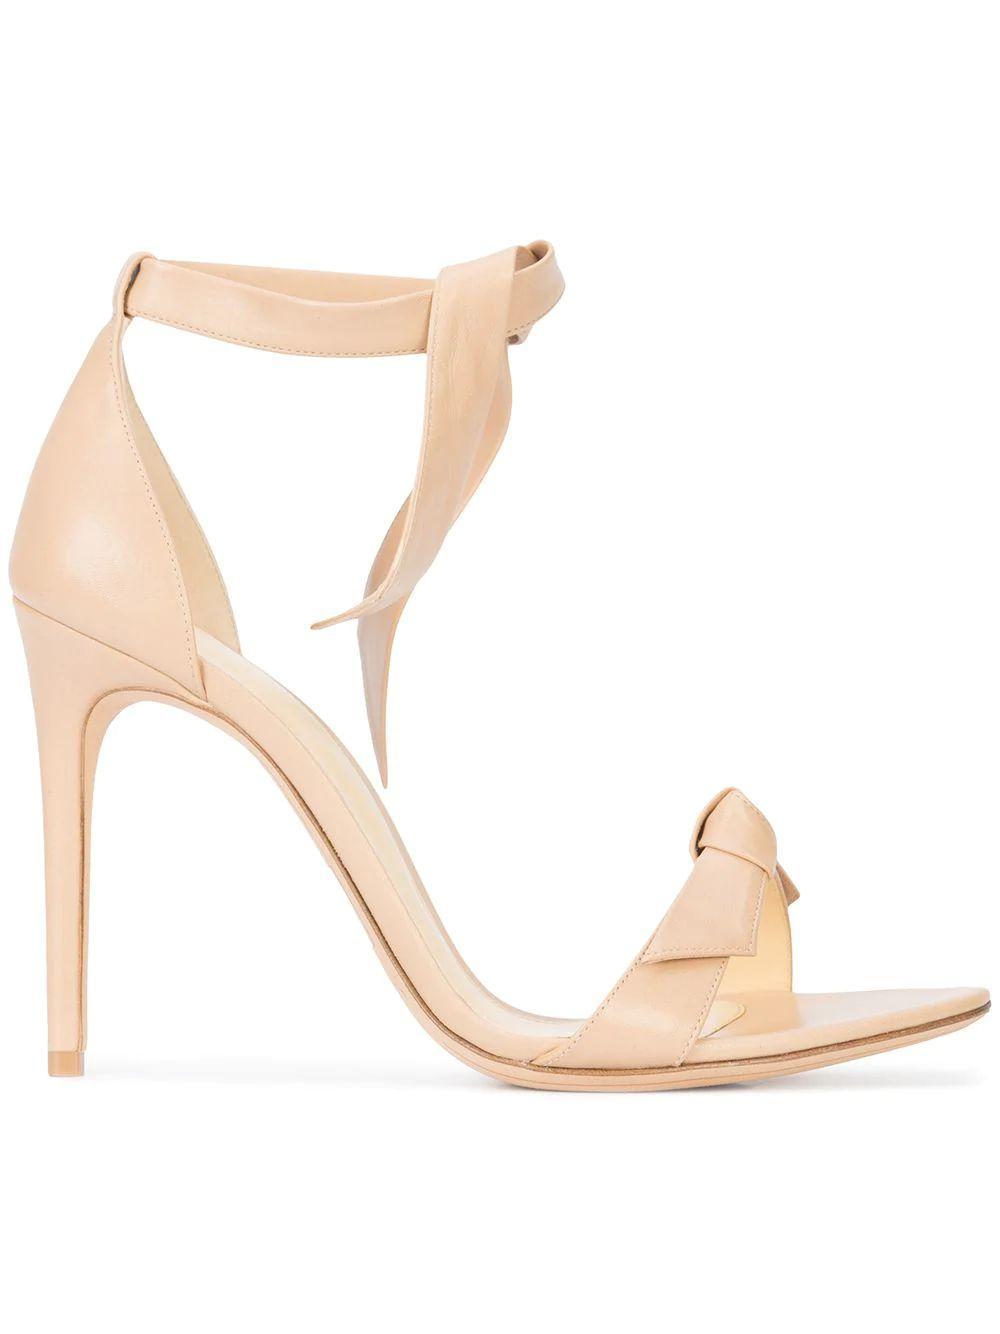 Clarita Nude Tie Ankle Sandals Item # CLARITA-100